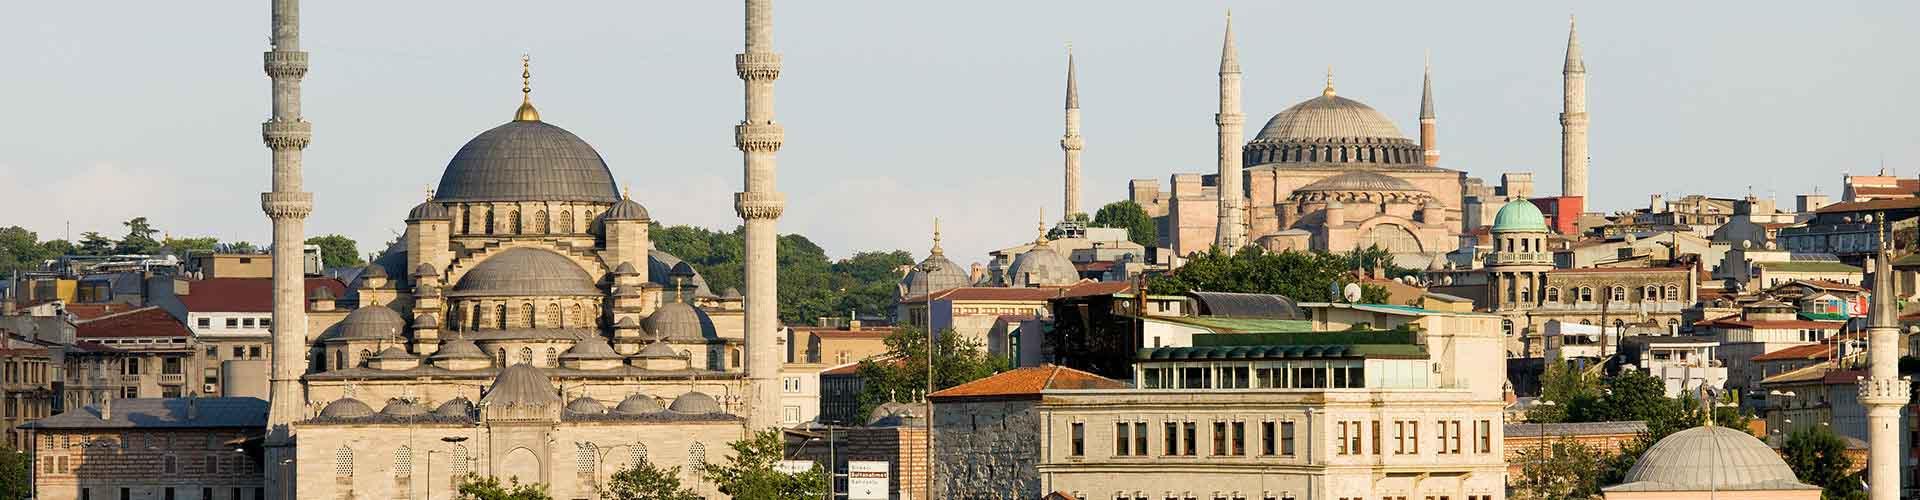 イスタンブール – ホステル イスタンブール. 地図 イスタンブール, すべてのホステルの写真とレビュー イスタンブール.